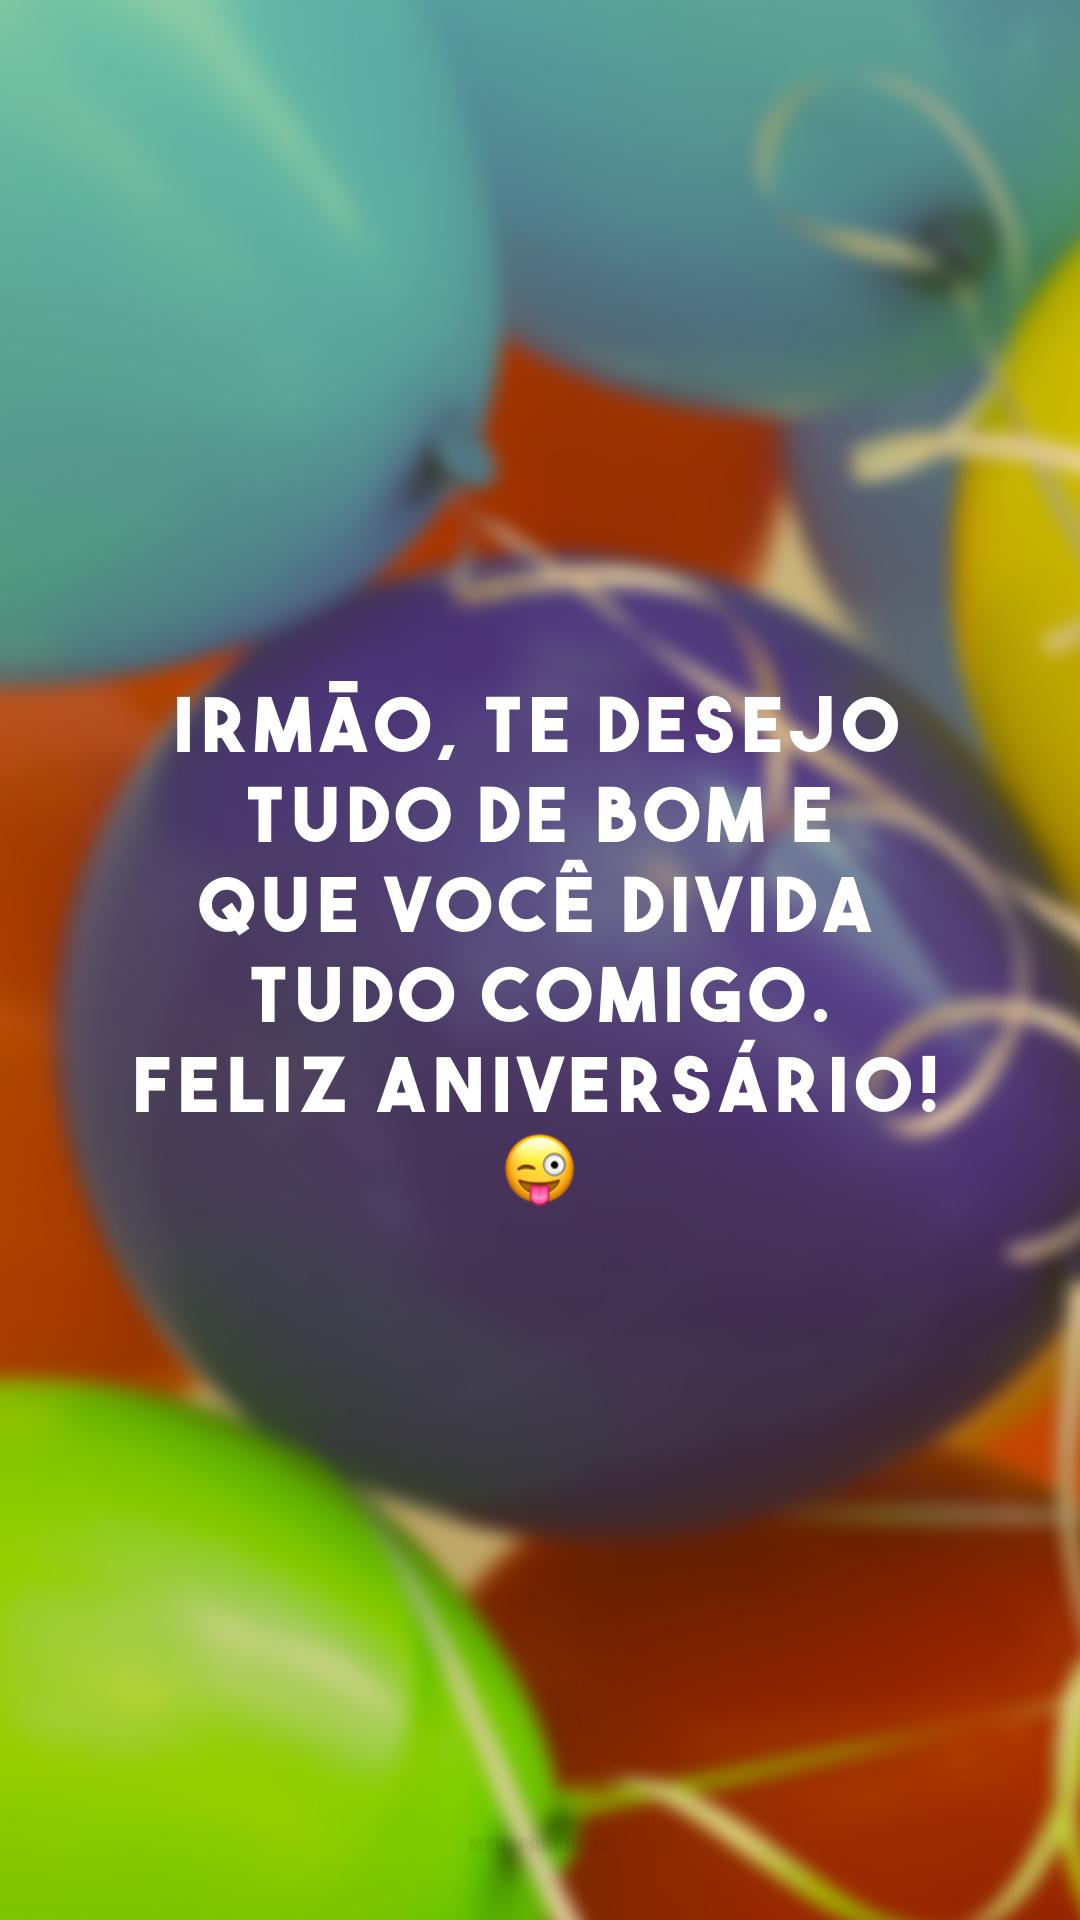 Irmão, te desejo tudo de bom e que você divida tudo comigo. Feliz aniversário! 😜